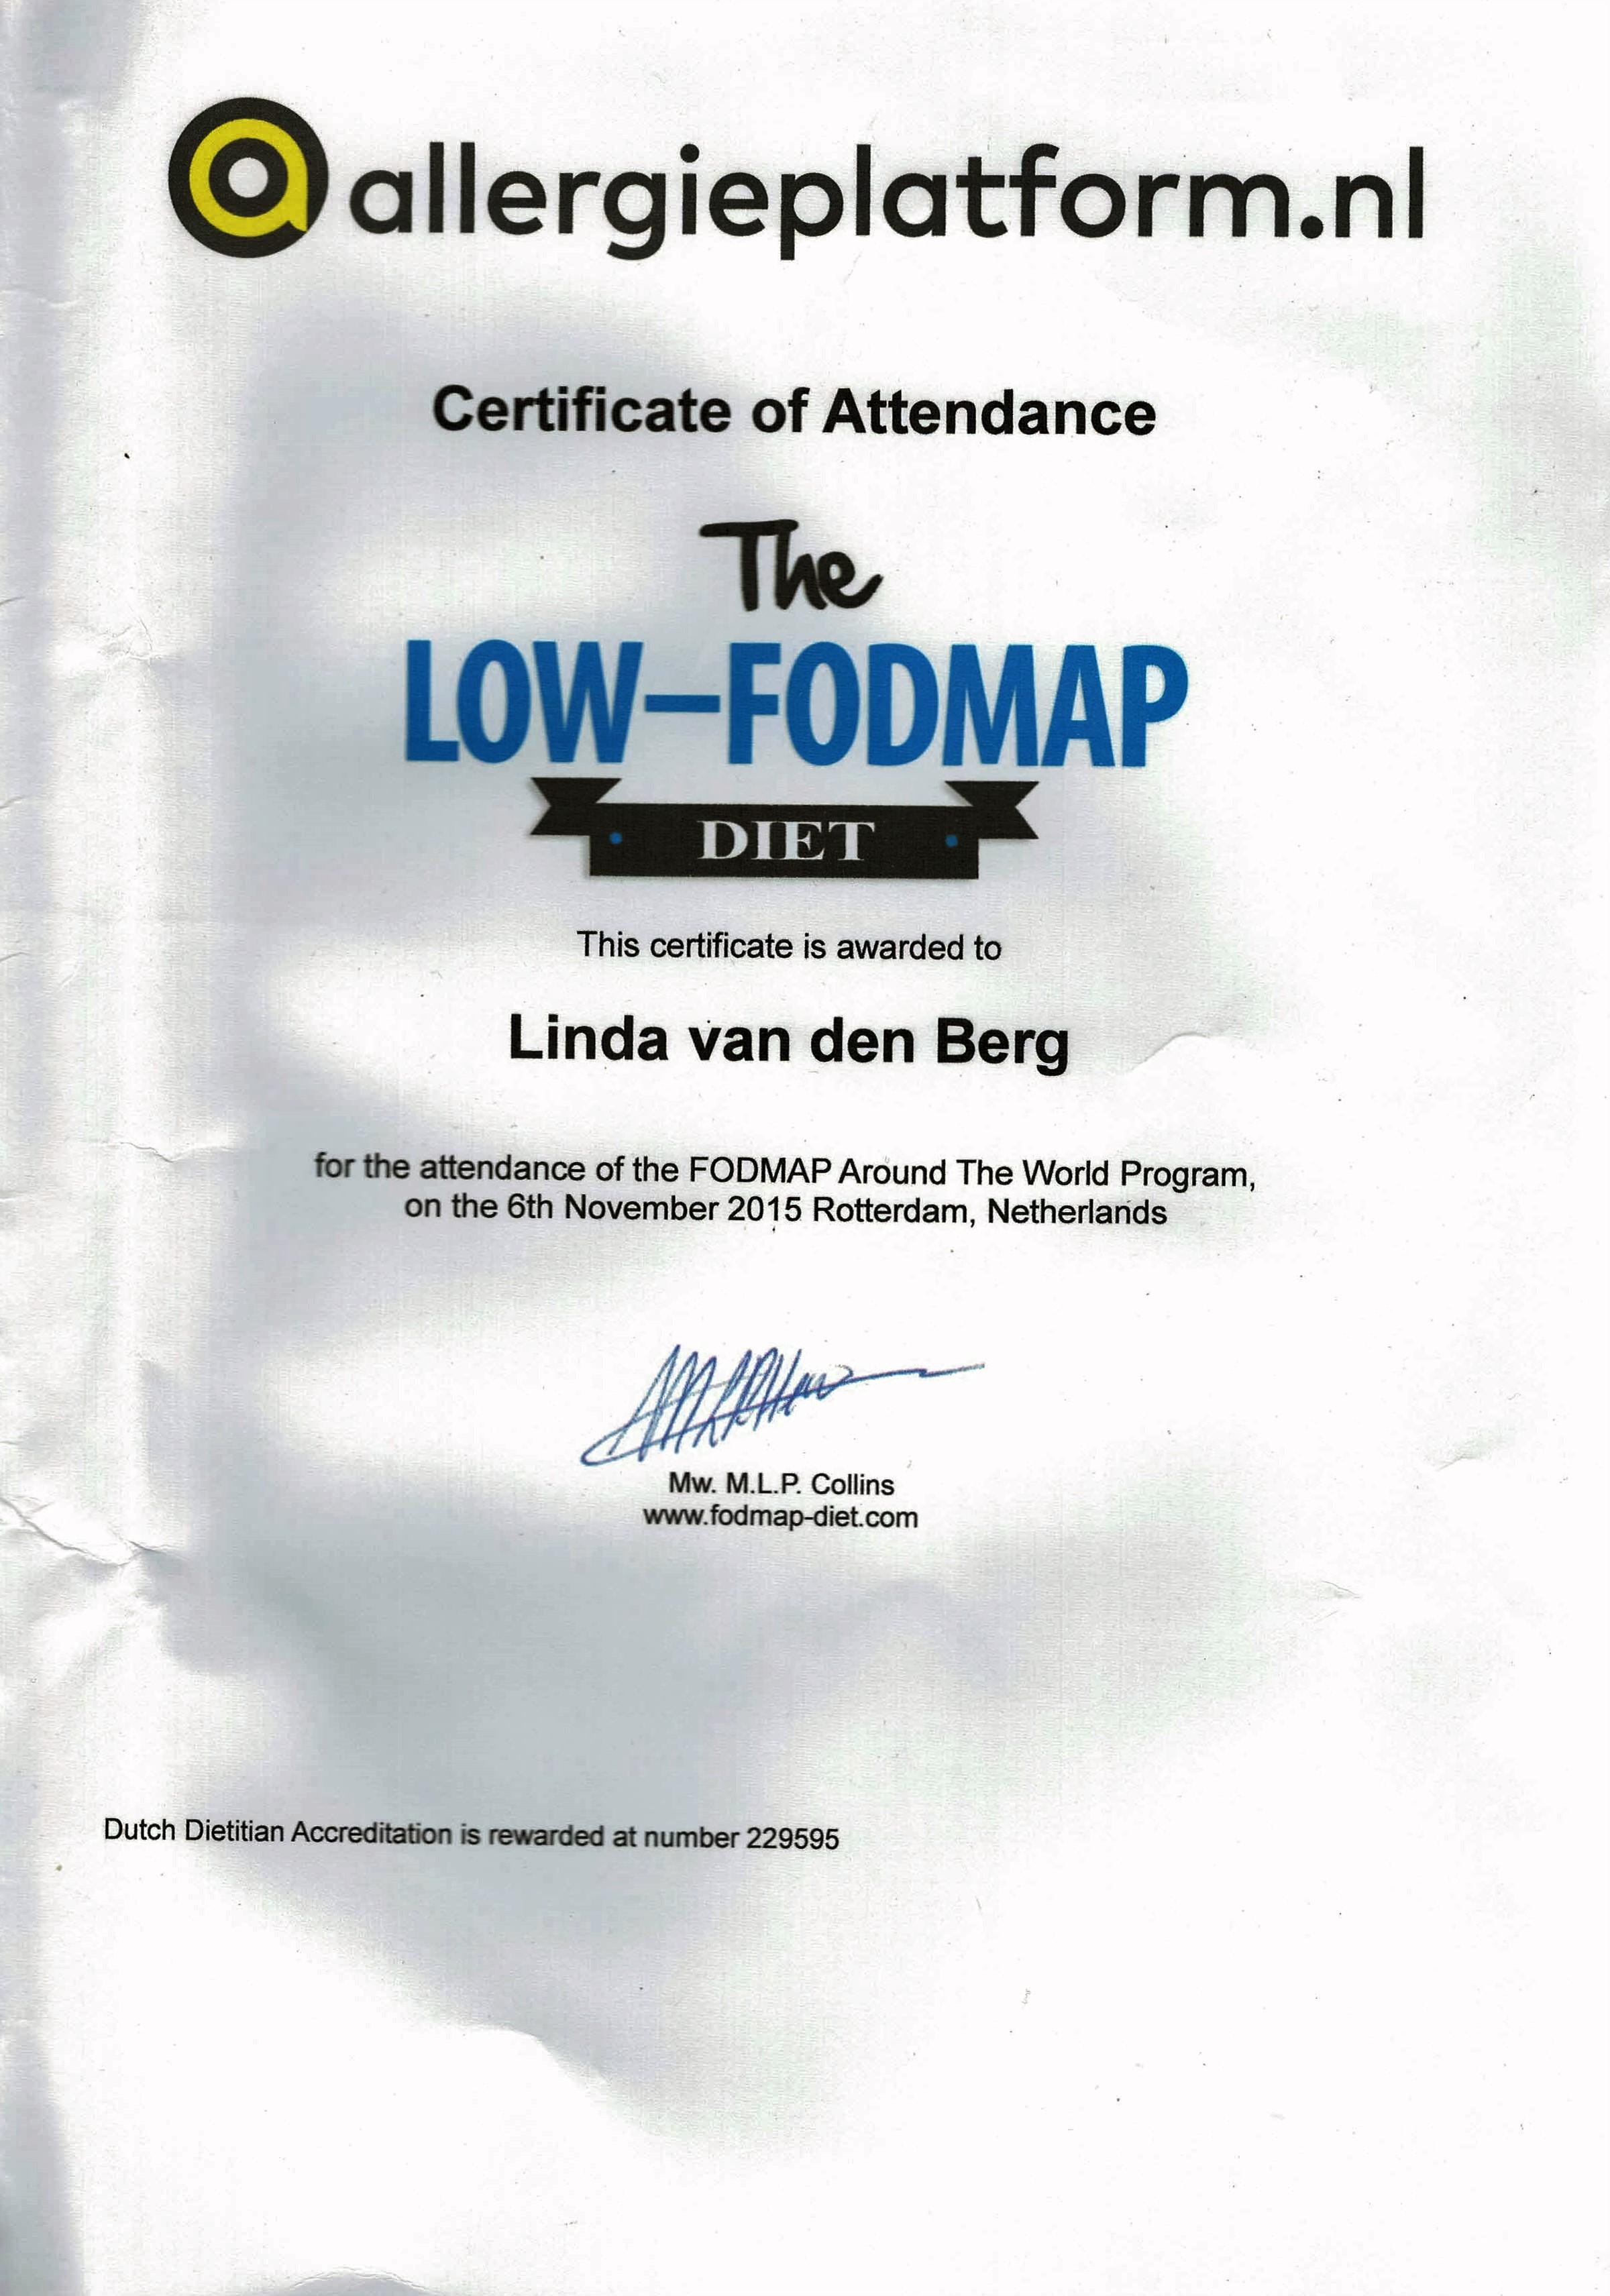 FODMAP certificaat